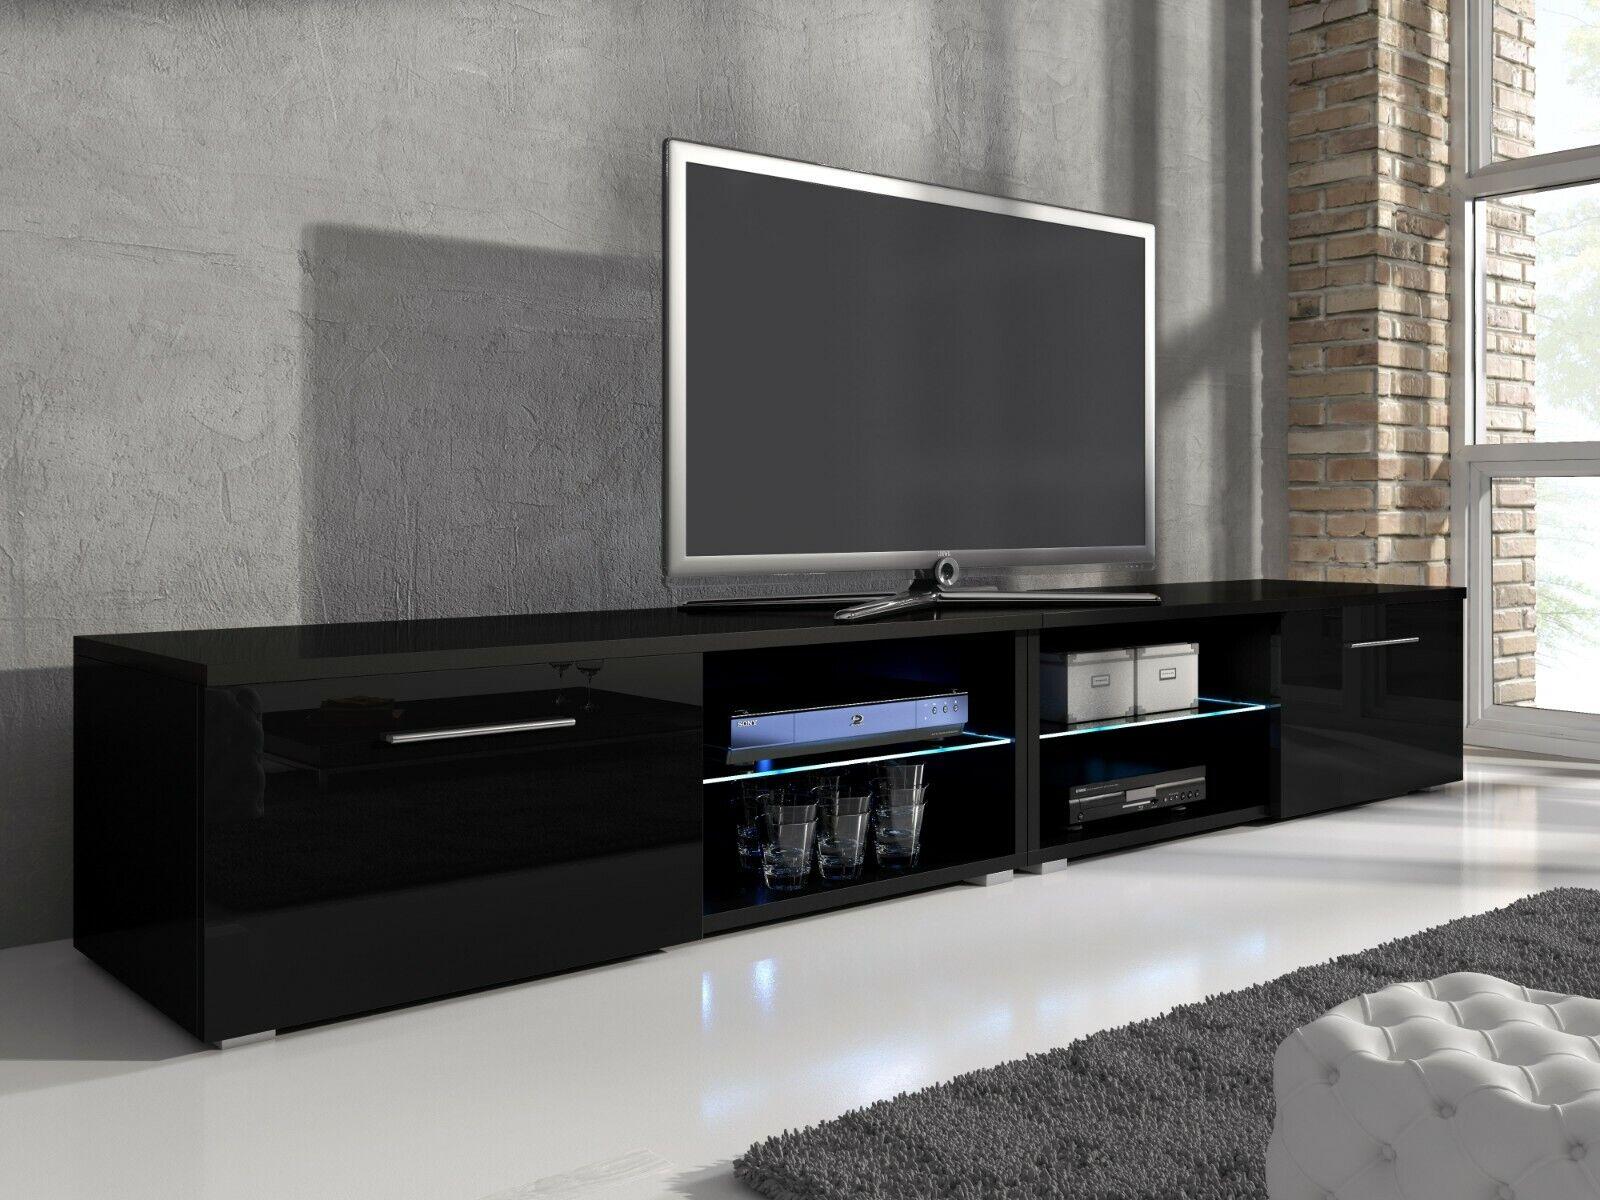 TV Unit Cabinet Stand Entertainment Lowboard Samuel with UK UK UK LED 398406